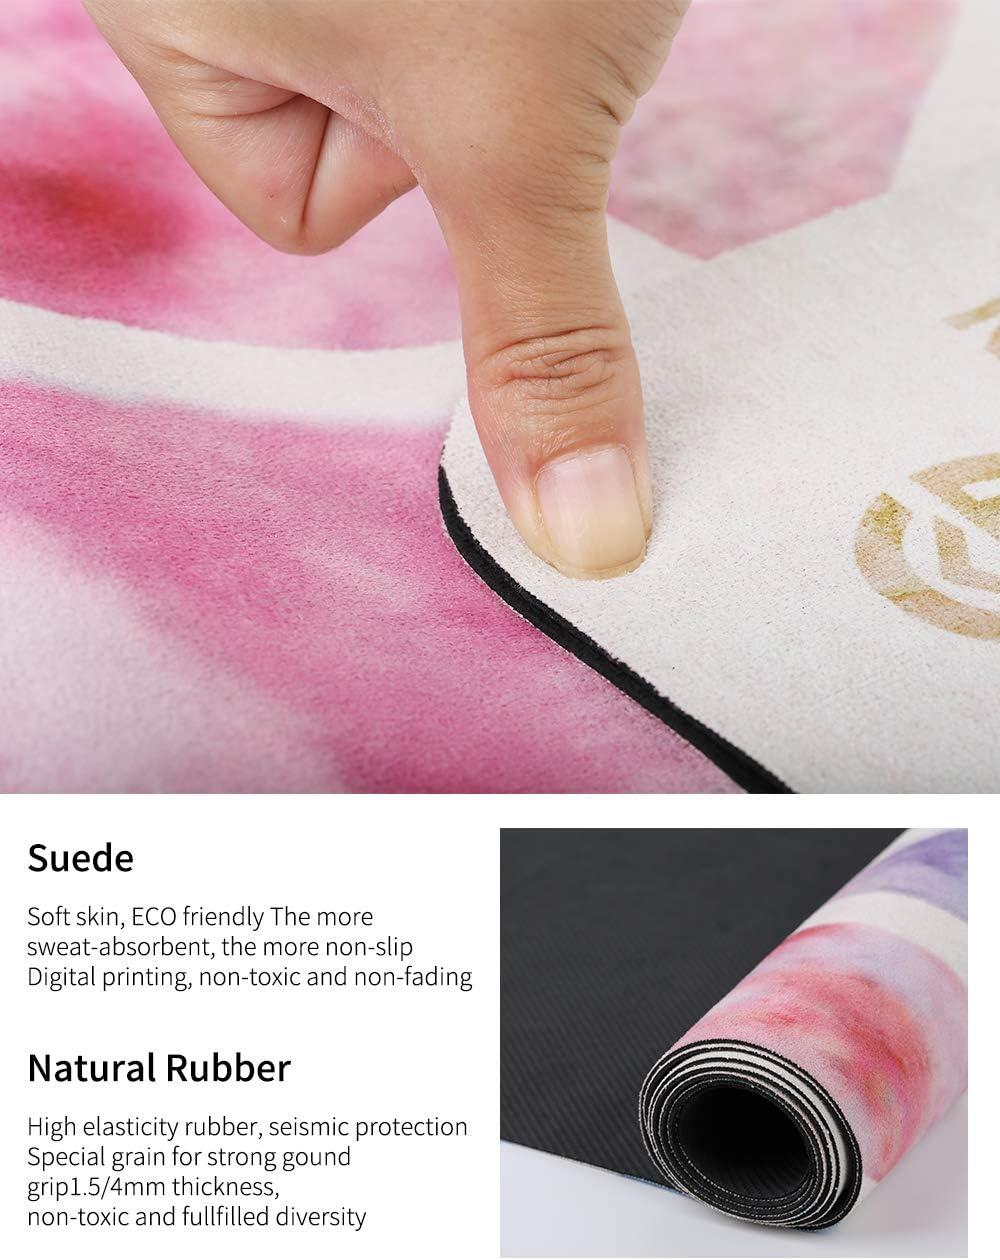 GOLDEN/® Reise Yogamatte 1,5mm 4mm Zu Hause Waschbar Faltbare 2 in 1 Handtuch,rutschfest Naturkautschuk